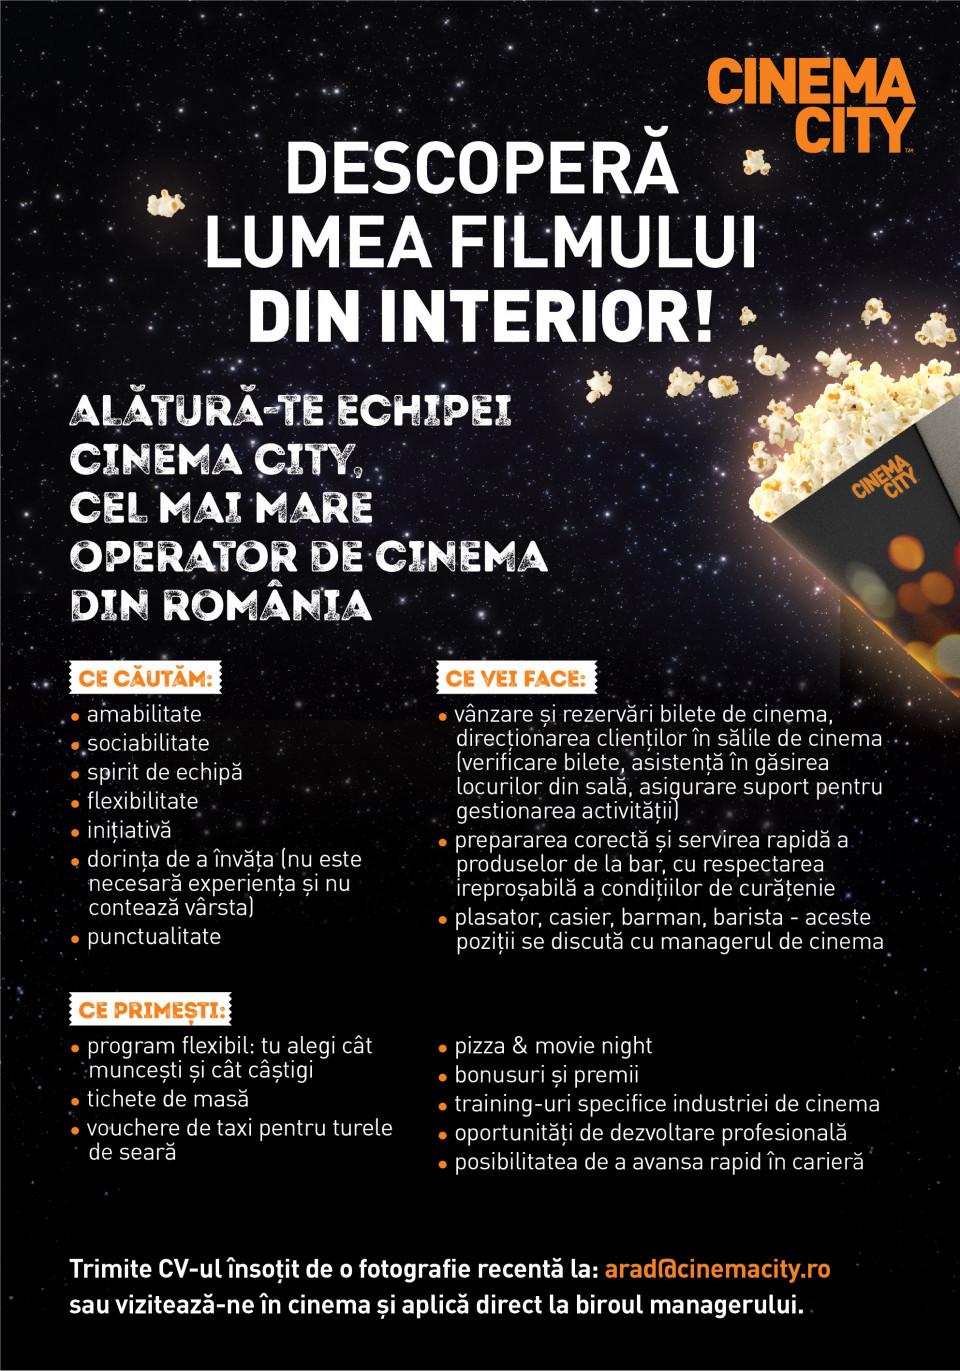 DESCOPERĂ LUMEA FILMULUI DIN INTERIOR!  Alătură-te echipei Cinema City, cel mai mare operator de cinema din România.  Cum ne dorim sa fie noul nostru coleg:  Cu atitudine pozitivă Dornic să învețe (nu este necesară experiența și nu contează vârsta) Punctual Cu bune abilități de comunicare și relaționare Amabil Să îi placă să lucreze în echipă Determinat Cu inițiativă Căutăm colegi care să descopere cu entuziasm lumea filmului din interior pentru următoarele roluri  Barman / Barista / Casier / Plasator  În funcție de rolul potrivit pentru tine, responsabilitățile generale ar putea fi:  - vânzarea de bilete și rezervări bilete de cinema, direcționarea clienților în cinema (verificare bilete, asistență în găsirea locurilor din sală, asigurare suport pentru gestionarea activității);  - preparea corectă și servirea rapidă a produselor de la bar sau cafenea, cu respectarea ireproșabilă a condițiilor de curățenie;  - întâmpinarea clienților și oferirea informațiilor corecte despre produsele noastre;  Barman / Barista / Casier / Plasator – aceste poziții se discută în cadrul interviului.  Ce îți garantăm:  - Program flexibil (tu alegi cât muncești și cât câștigi) - Tichete de masa - Pizza & Movie night - Bonusuri și premii - Training-uri specifice industriei de cinema - Vouchere de taxi pentru turele de seară - Oportunități de dezvoltare profesională - Posibilitatea de a avansa rapid în carieră  Punem accent pe dezvoltarea oamenilor și ne dorim ca fiecare coleg să fie foarte bine pregătit profesional existând șanse de promovare. Dezvoltă și tu o carieră în industria de cinema!  Trimite CV-ul insotit de o fotografie recenta la: arad@cinemacity.ro sau viziteaza-ne in cinema si aplica direct la biroul managerului.  Te așteptăm cu drag! Descoperă lumea filmului din interior!Alătură-te echipei Cinema City, cel mai mare operator de cinema din România, parte din Cineworld, al doilea mare lanț de cinematografe din lume!Ne dorim să fim cel mai bun loc unde se vizionează filmele și s